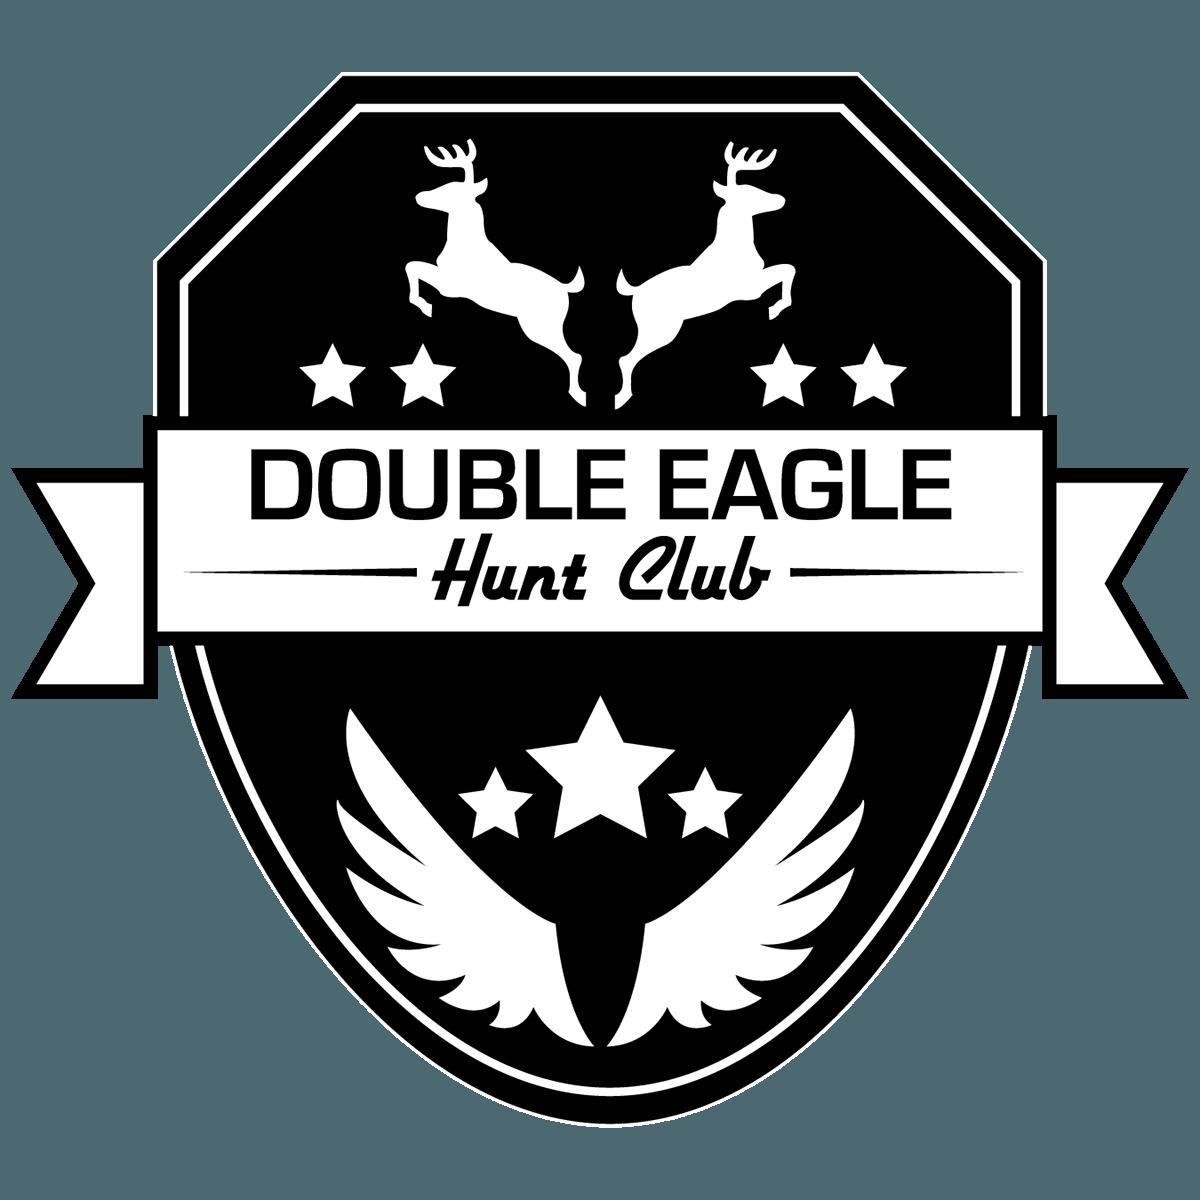 RUGER FIREARM METAL SIGN 9MM Eagle Logo Gun Shop HUNTING 5x12 50074